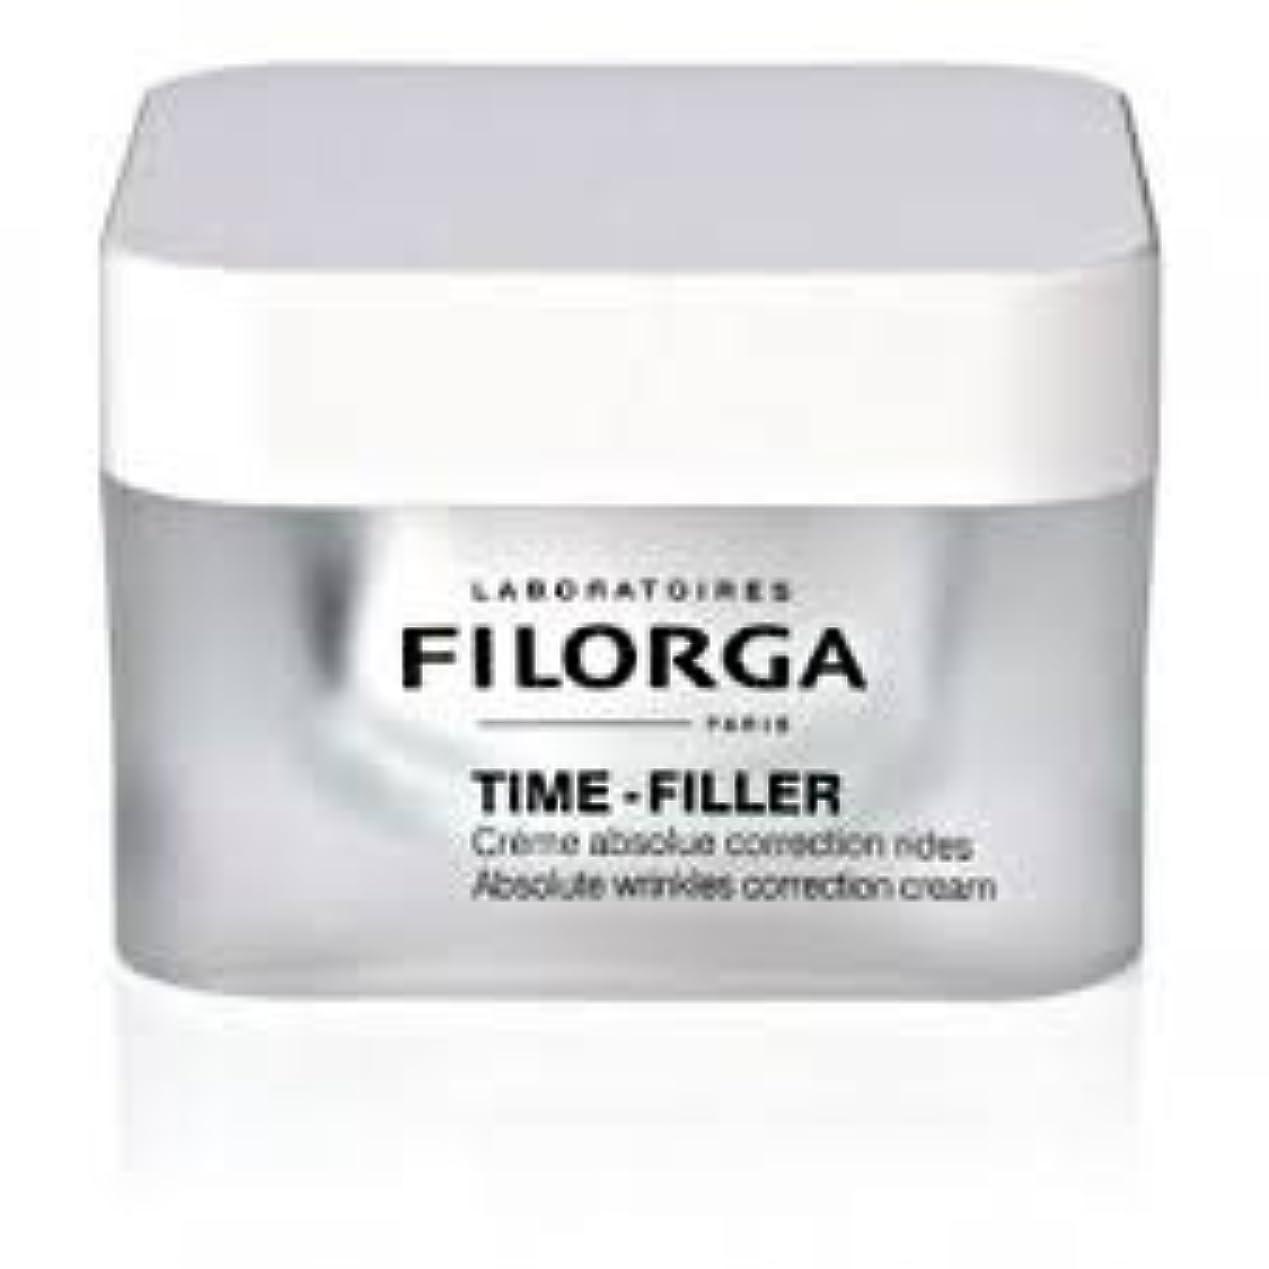 悔い改め改革驚いたフィロルガ[FILORGA]タイム フィラー 50ML TIME FILLER 50ML [海外直送品] [並行輸入品]